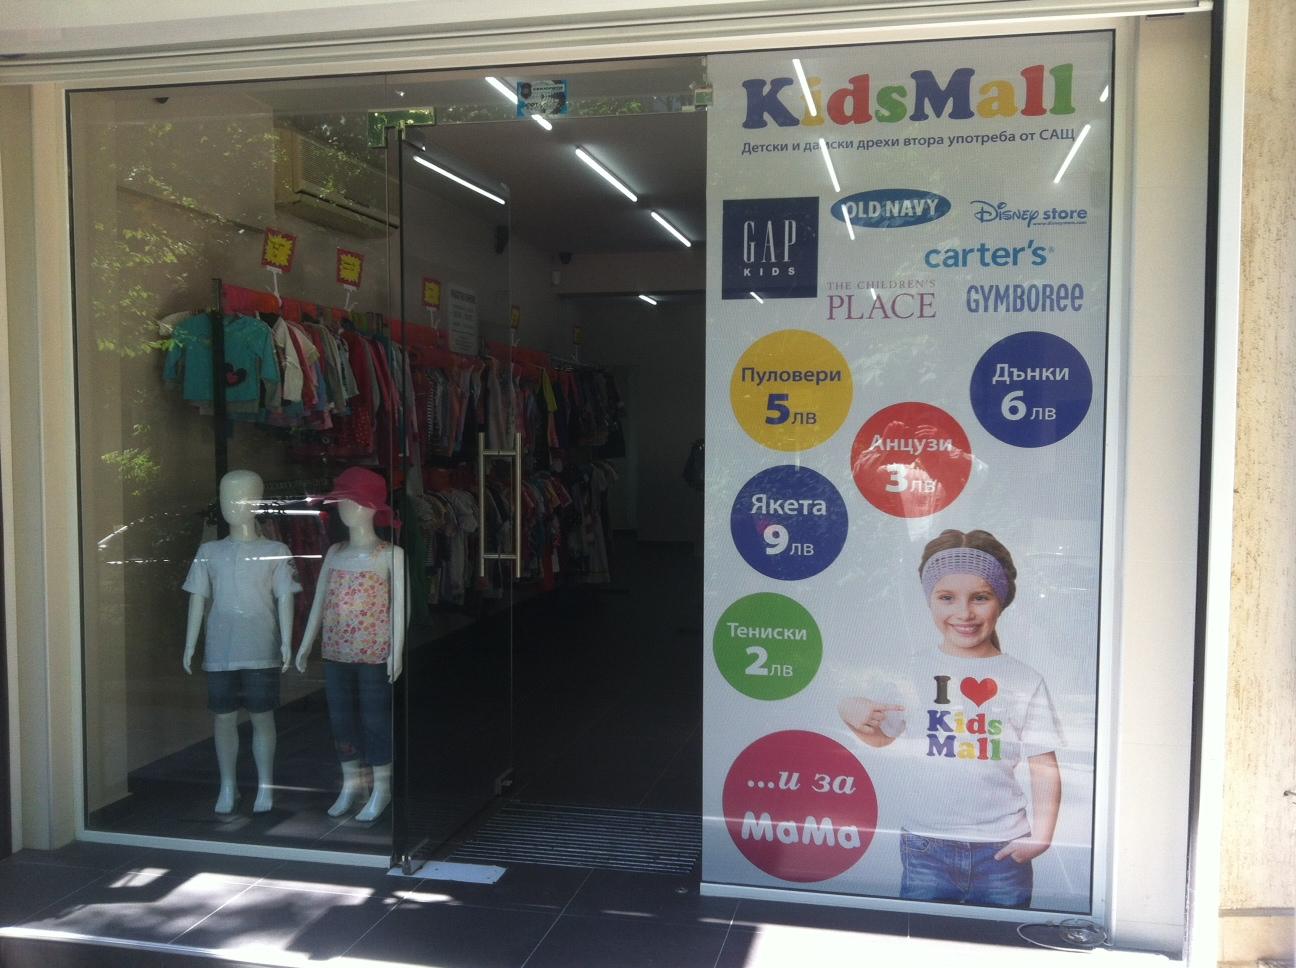 KidsMall - detski magazin vtora Sofia Lagera